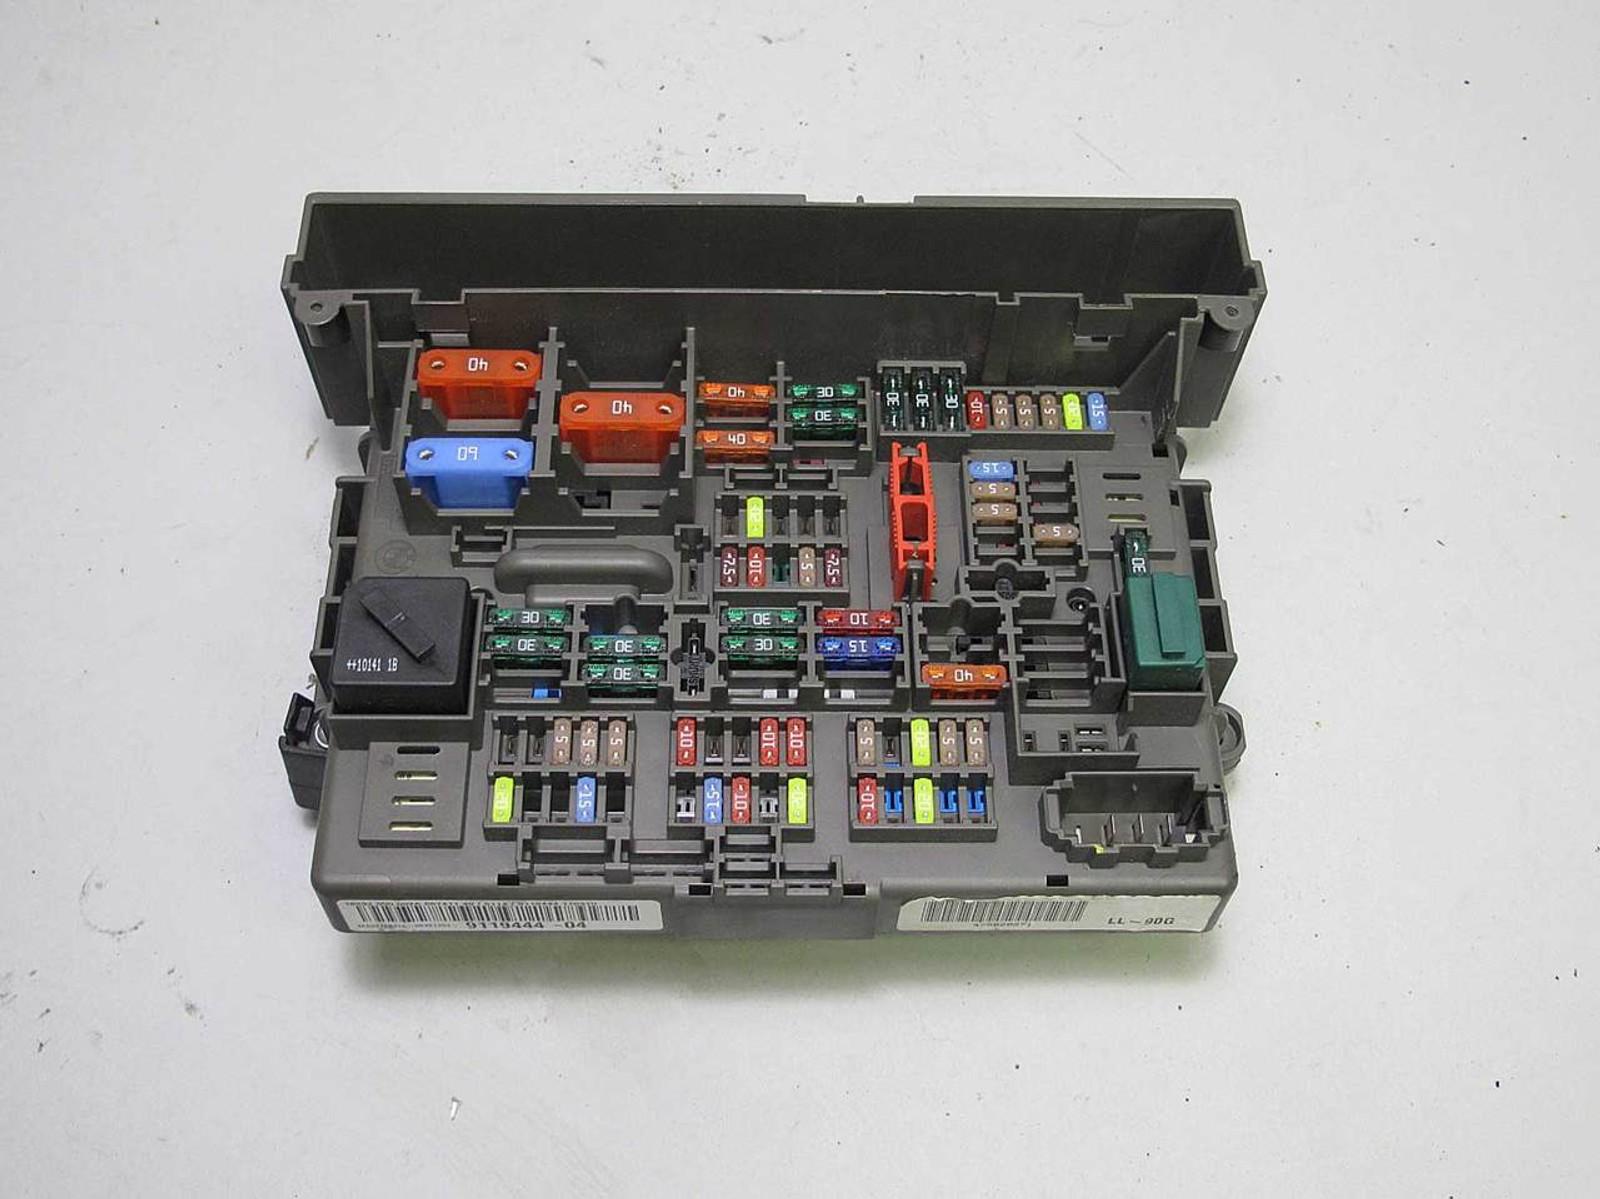 2000 bmw 740il fuse box location [ 1600 x 1199 Pixel ]